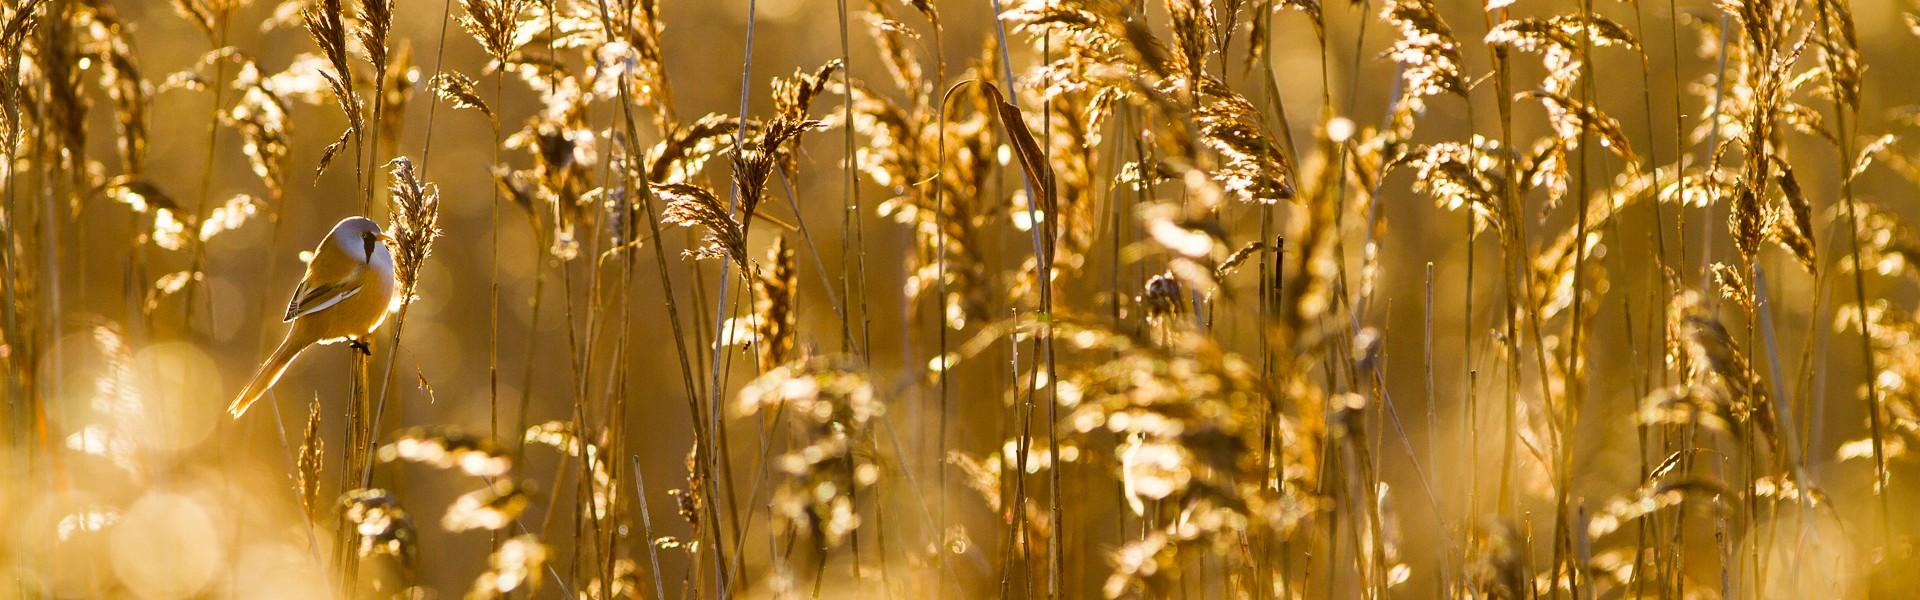 Christian Höfs Naturfotografie